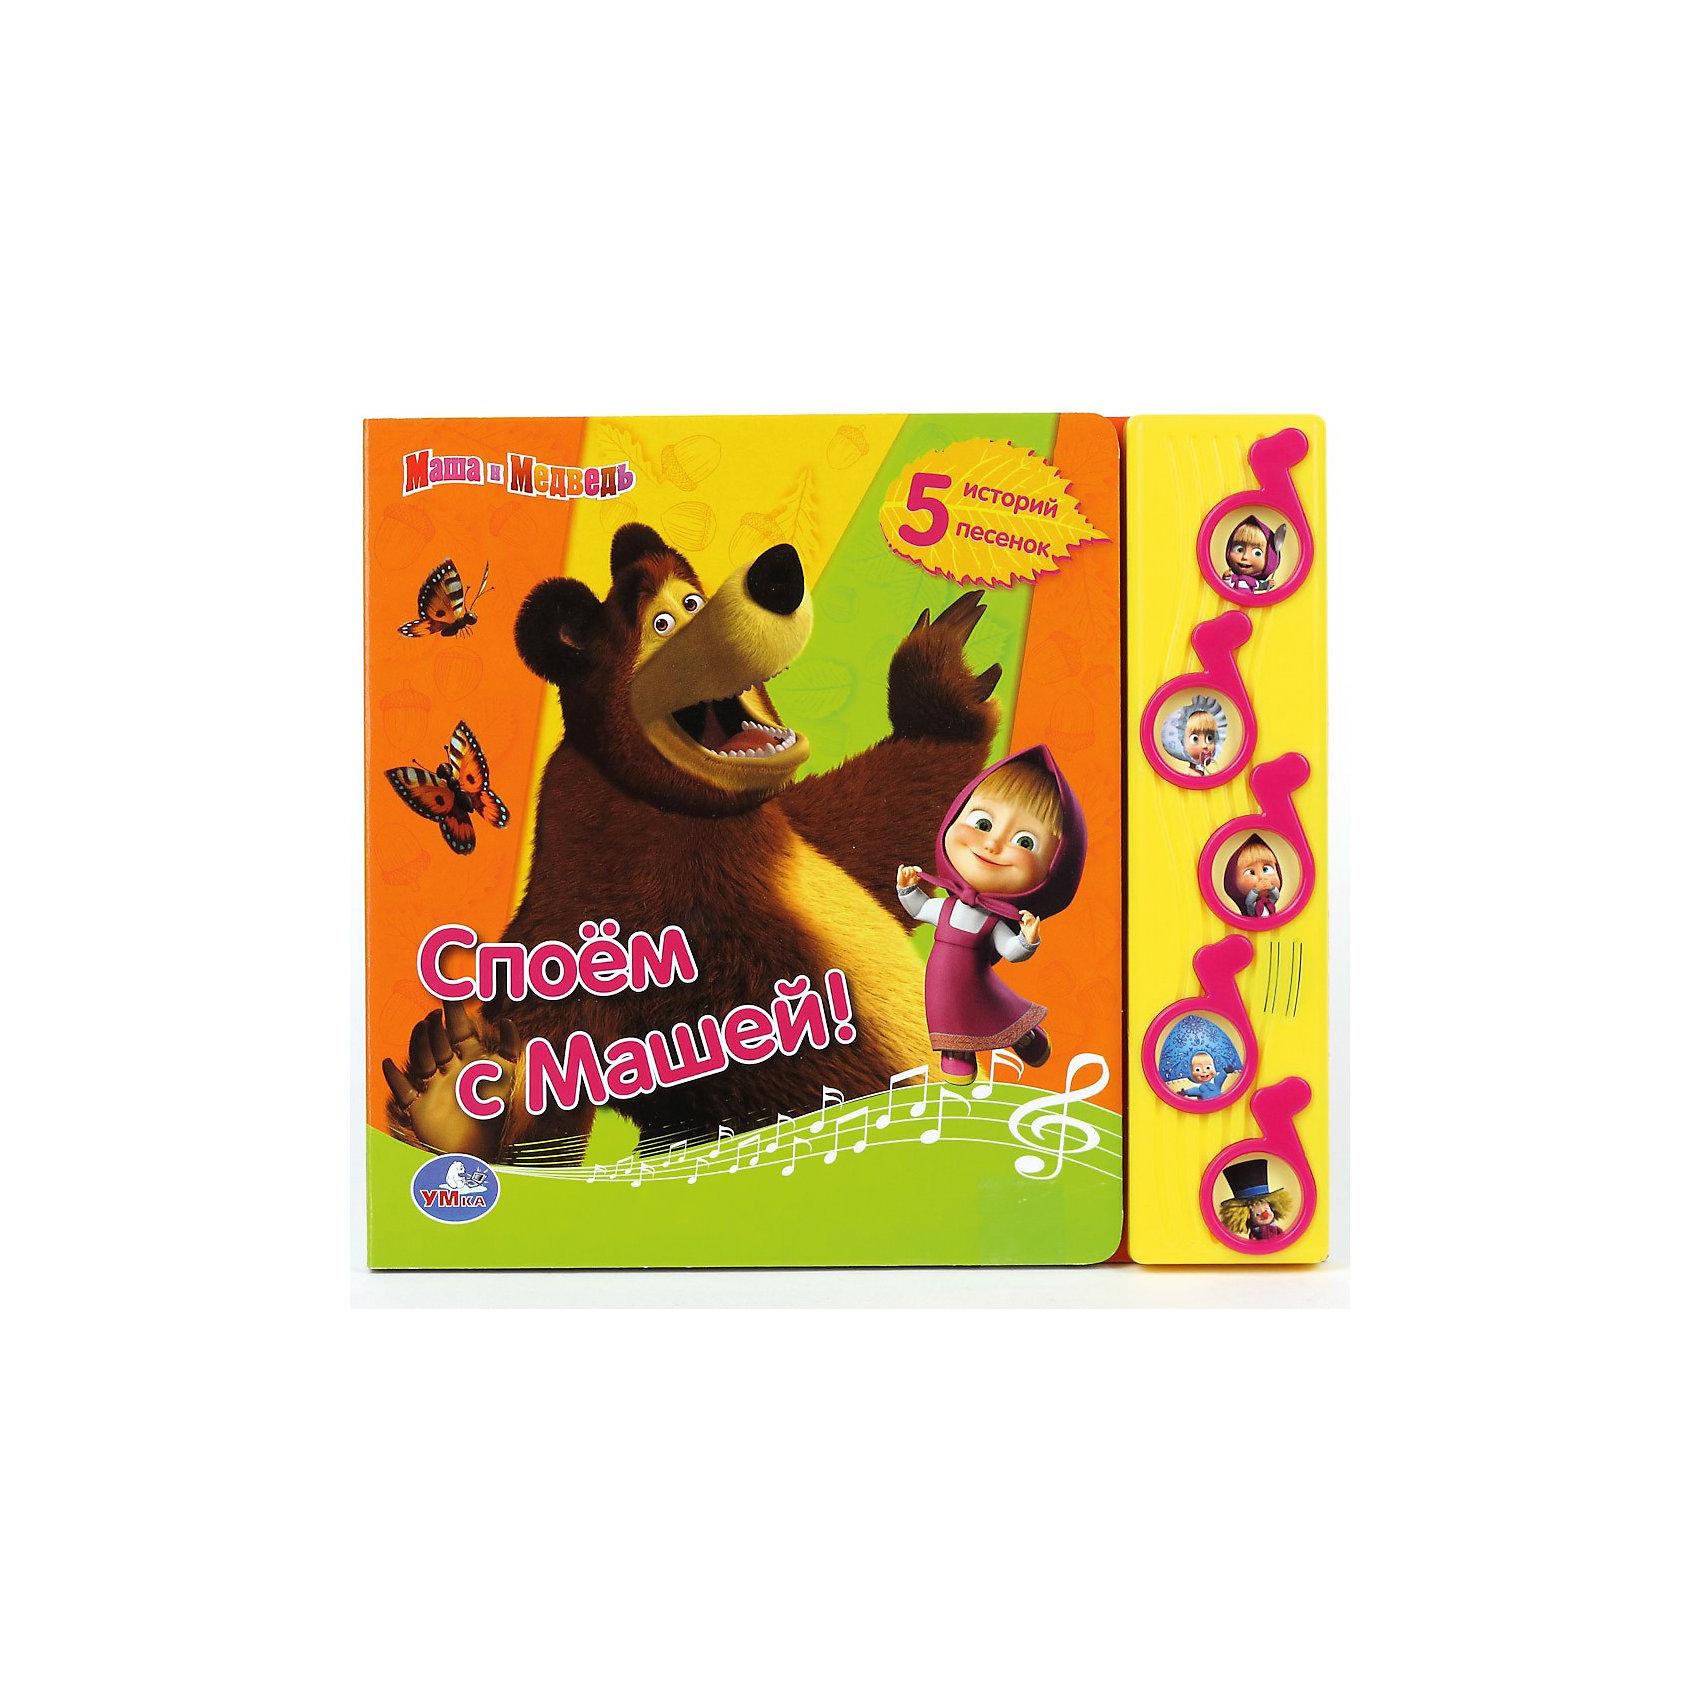 Книга с 5 кнопками Споем с Машей!, Маша и МедведьМузыкальные книги<br>В этих сборниках с историями собраны песенки, которые так любят дети. В книге Споём с Машей размещена история по мотивам мультфильма Маша и Медведь. На ярких, красочных страницах размещена история и красивые иллюстрации, которые малыш с удовольствием будет рассматривать. Нажимая на нотки, малыш сможет послушать известные песенки: День Варенья, Большая стирка, Песенка про икоту, Песенка про Новый год, Встретить праздник, можно дома одному..., запомнить их и петь вместе с любимыми героями. Развивает память, фантазию, слух, воображение, сенсорику. Редактор-составитель Е. Клёпова.  Объем 10 страниц. Рекомендовано детям от 6 месяцев. Работает при помощи 3 батареек типа LR44 (входят в комплект).<br><br>Дополнительная информация:<br><br>Серия: 5 ноток.<br>Коллектив авторов.<br>Формат: 220х190 мм.<br>Переплет: картонный.  <br>Объем: 10 стр. <br>Батарейки: LR 44 3 шт. <br><br>Станет прекрасным подарком Вашему малышу!<br><br>Ширина мм: 220<br>Глубина мм: 20<br>Высота мм: 190<br>Вес г: 88<br>Возраст от месяцев: 12<br>Возраст до месяцев: 60<br>Пол: Унисекс<br>Возраст: Детский<br>SKU: 3315442